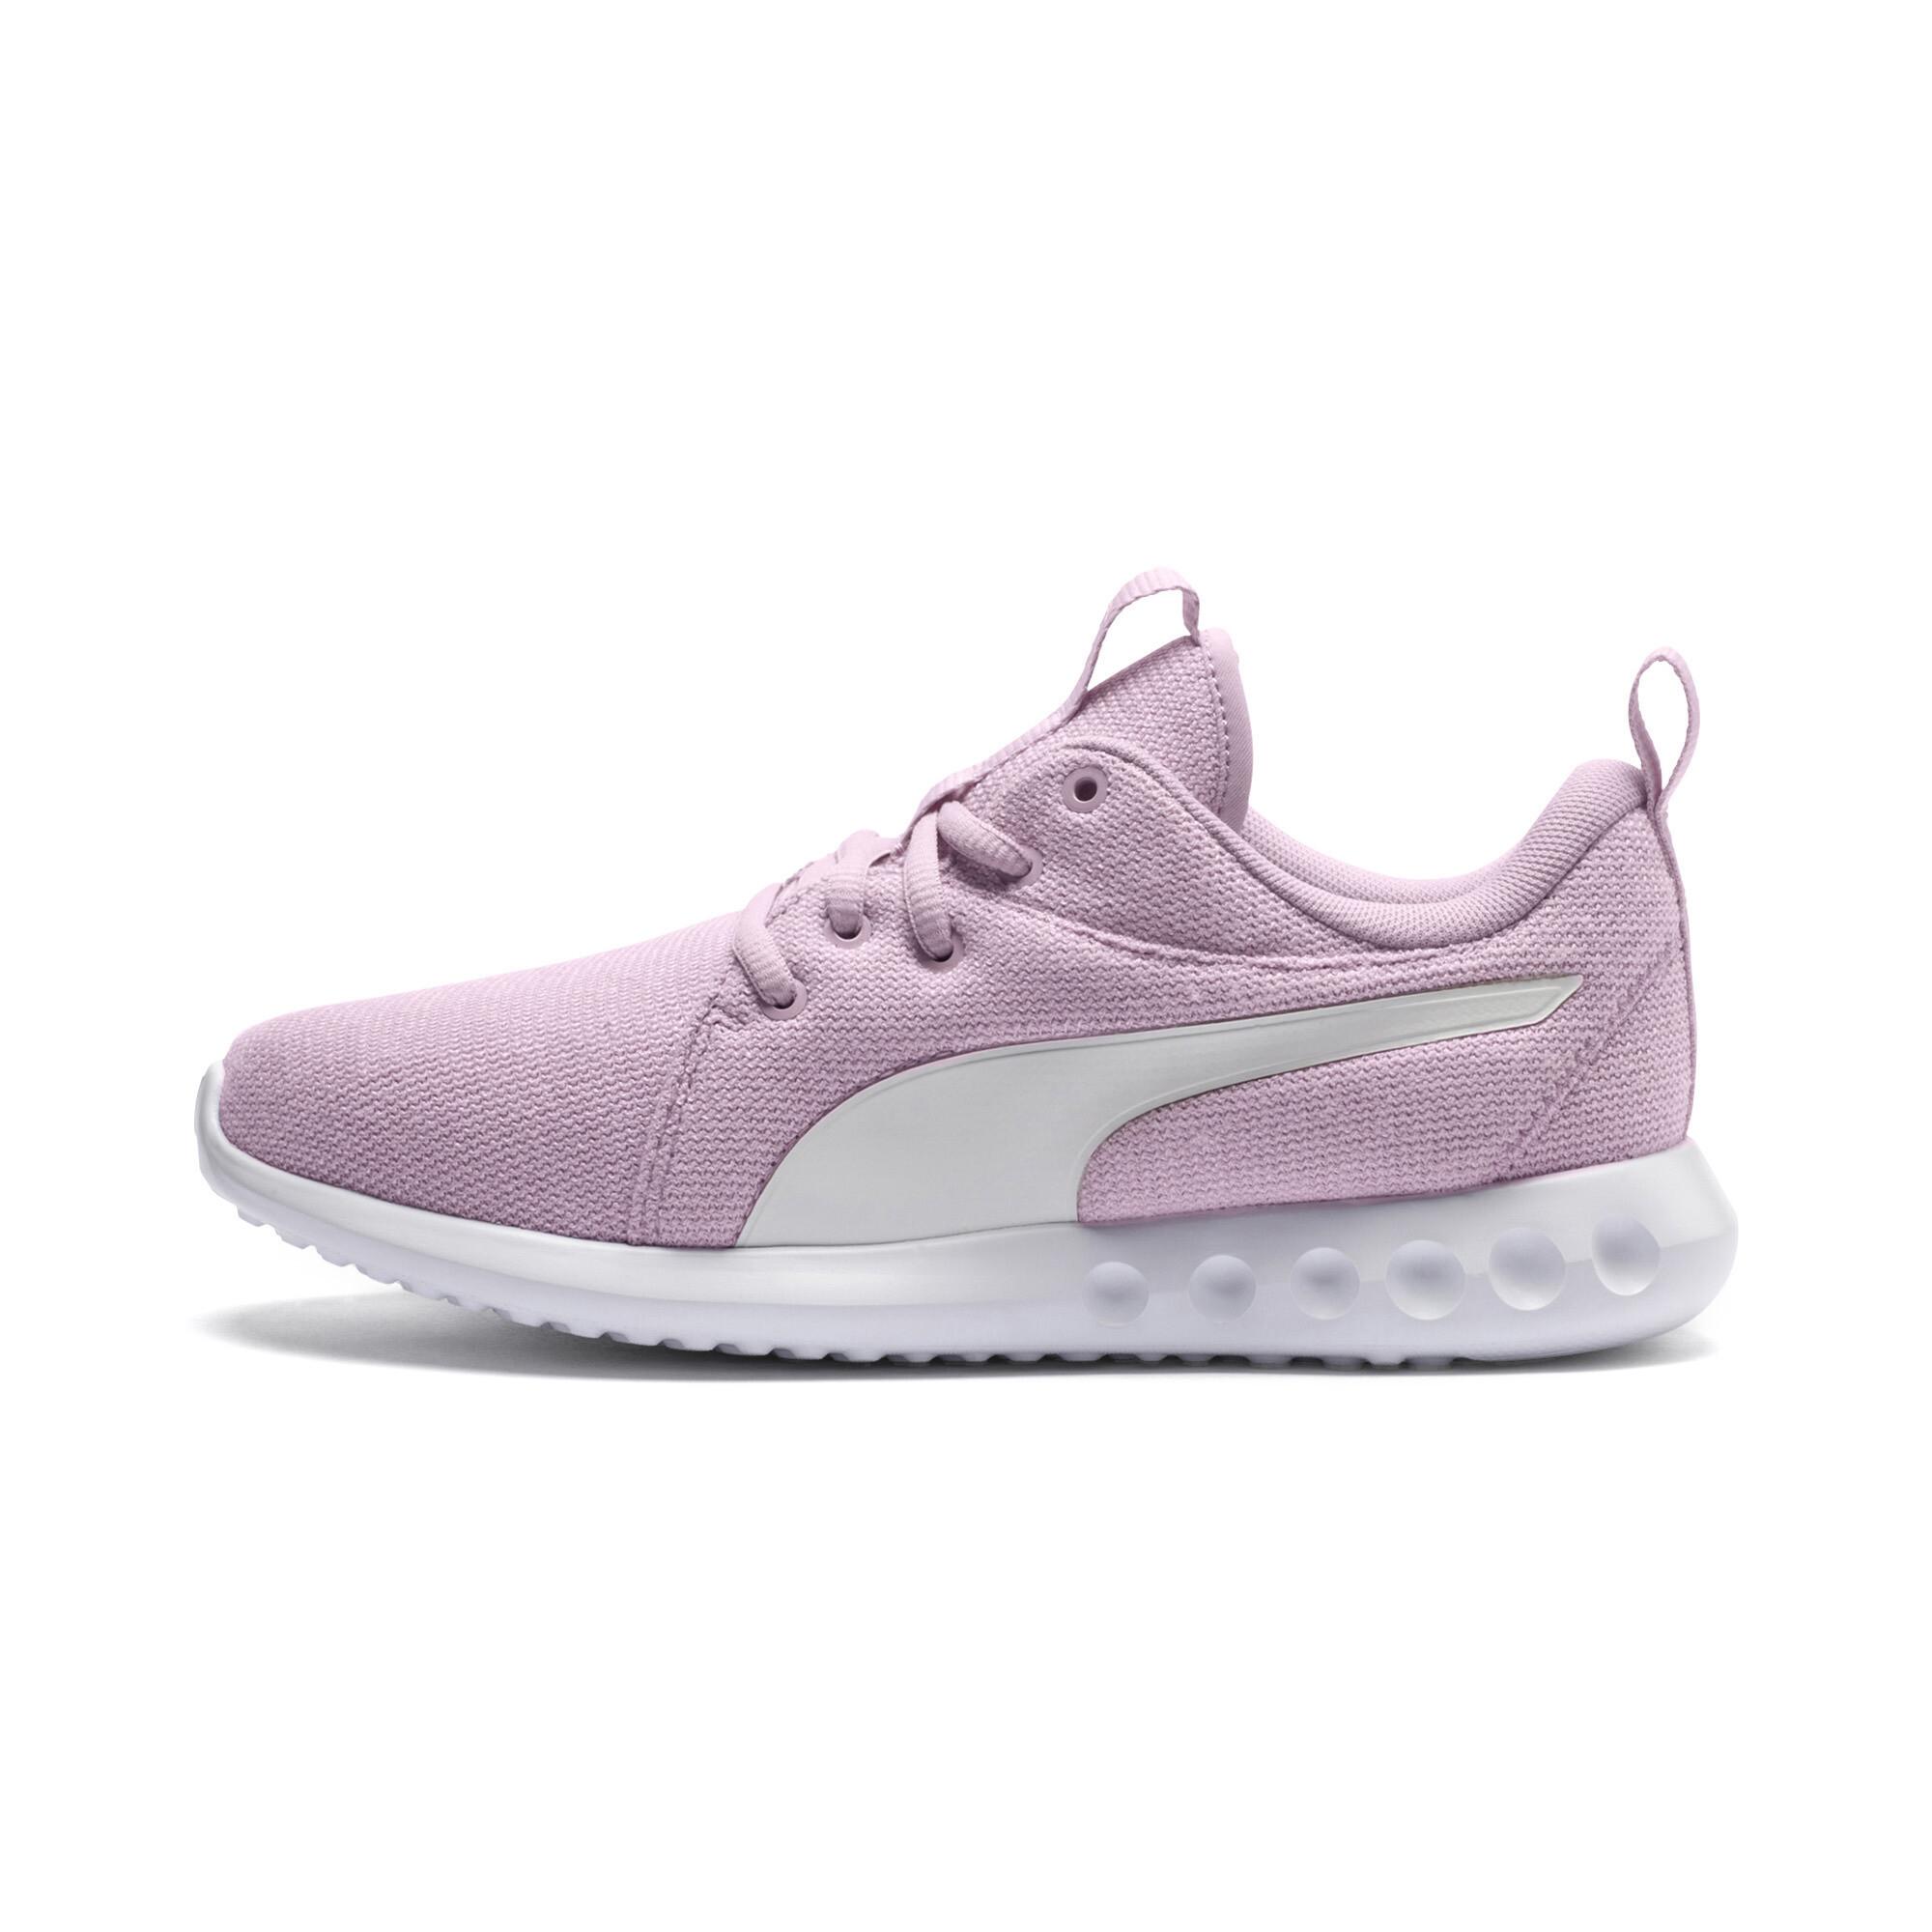 PUMA-Carson-2-Knit-Women-039-s-Running-Shoes-Women-Shoe-Running thumbnail 4